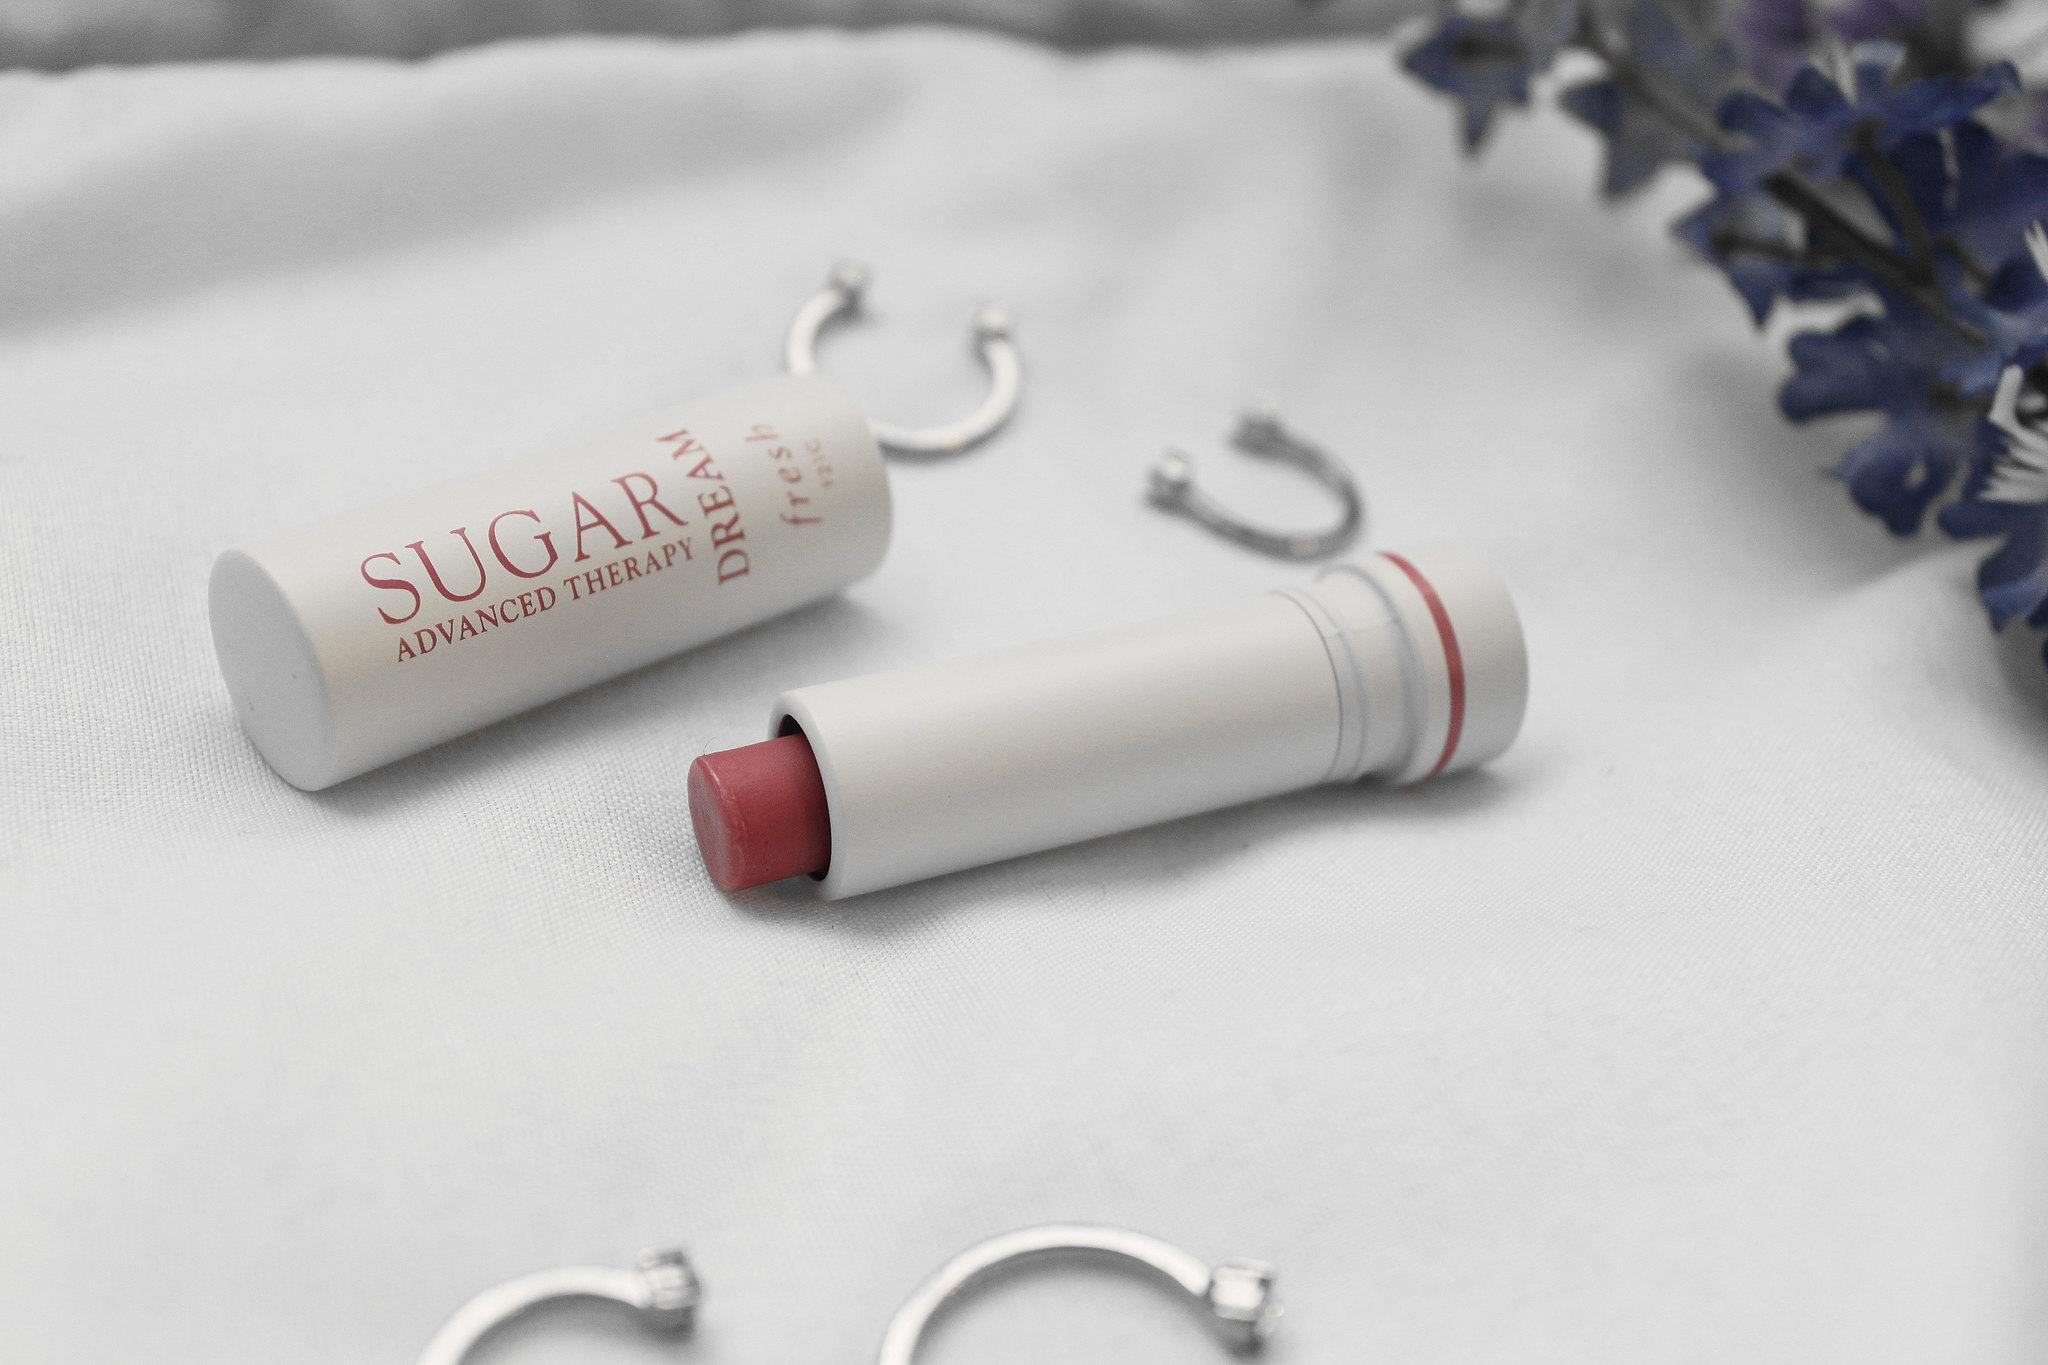 5759-beauty-makeup-skincare-sephora-vibrouge-fresh-freshcosmetics-lipbalm-clothestoyouuu-elizabeeetht-flatlay